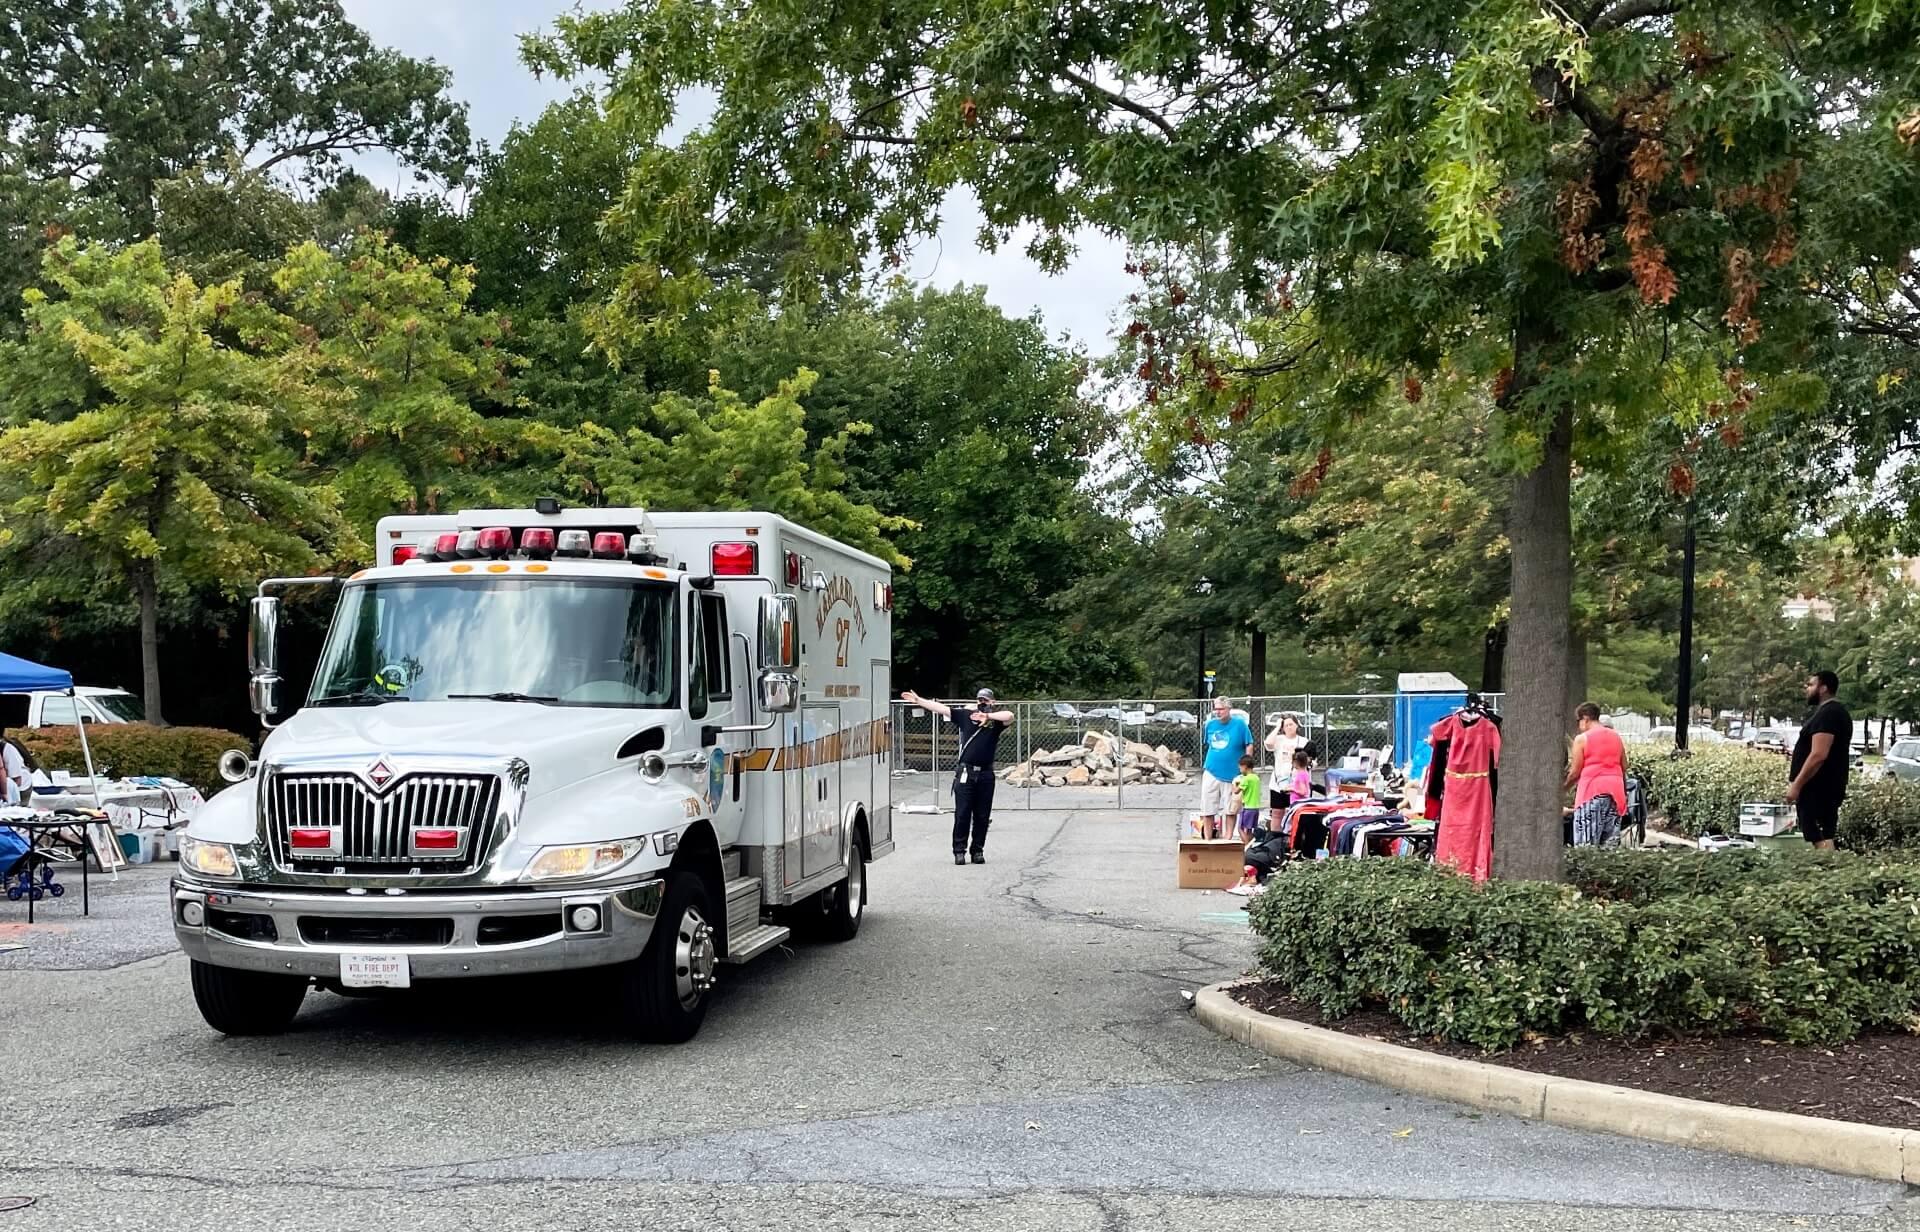 AACFD ambulance backs into a spot.